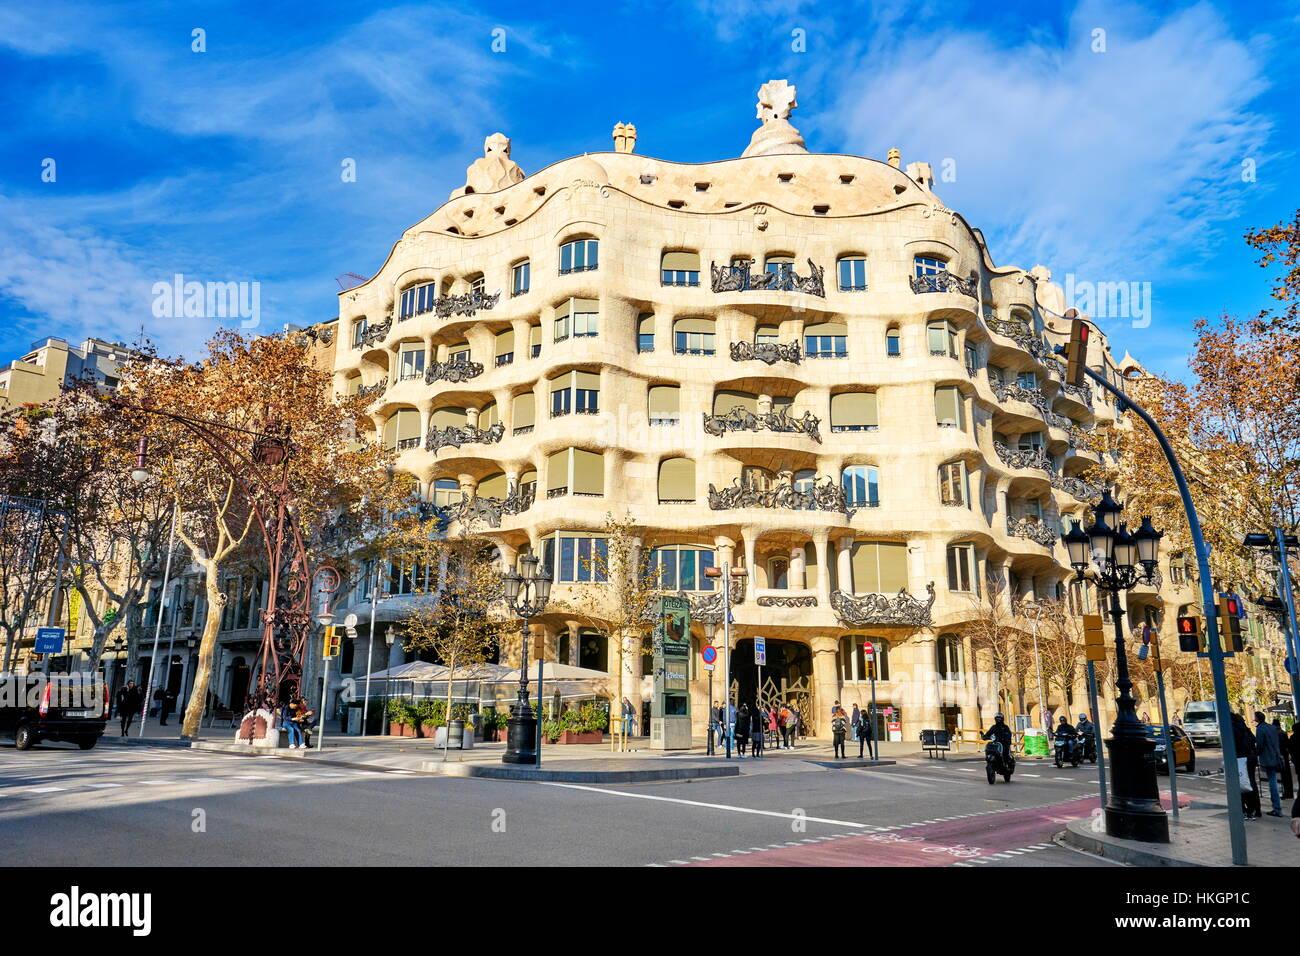 La conception des bâtiments La Pedrera d'Antoni Gaudi, Barcelone, Catalogne, Espagne Photo Stock